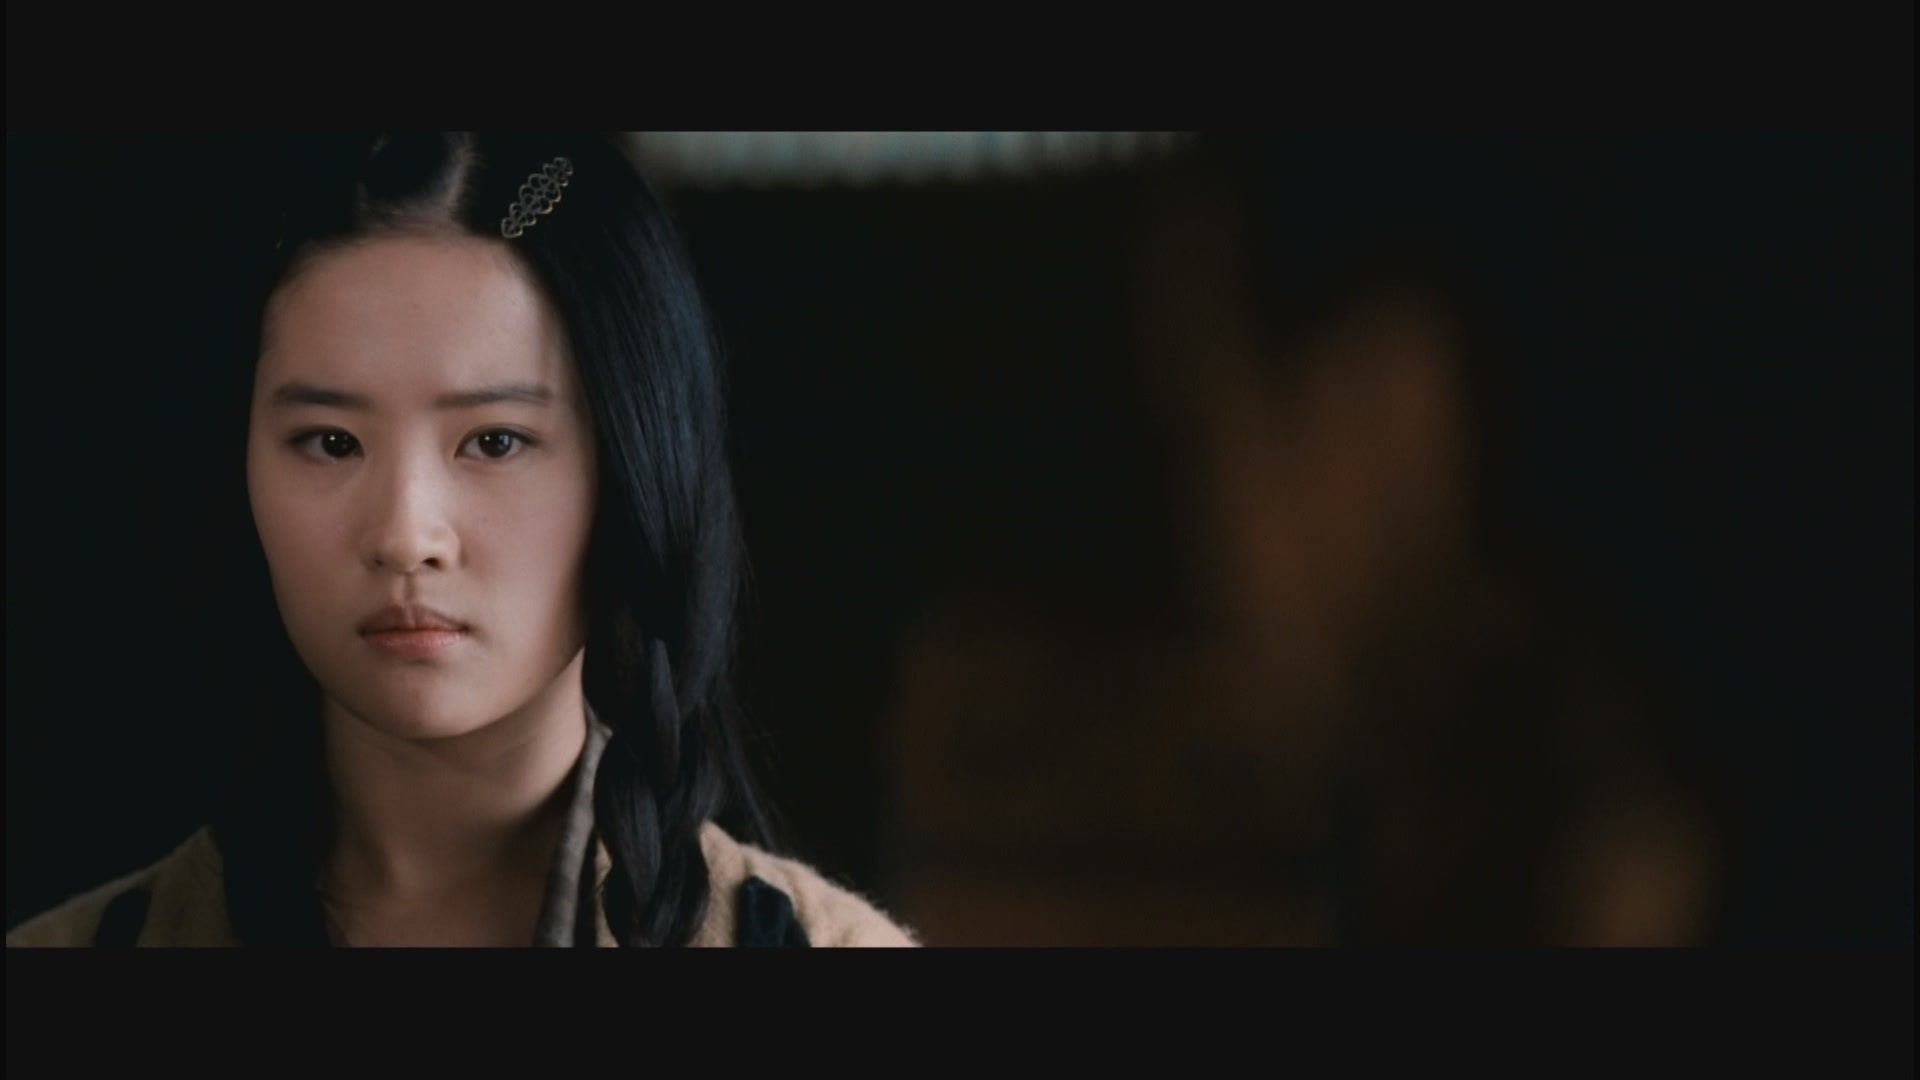 如何评价电影版《仙剑奇侠传》即将开拍? - 裴